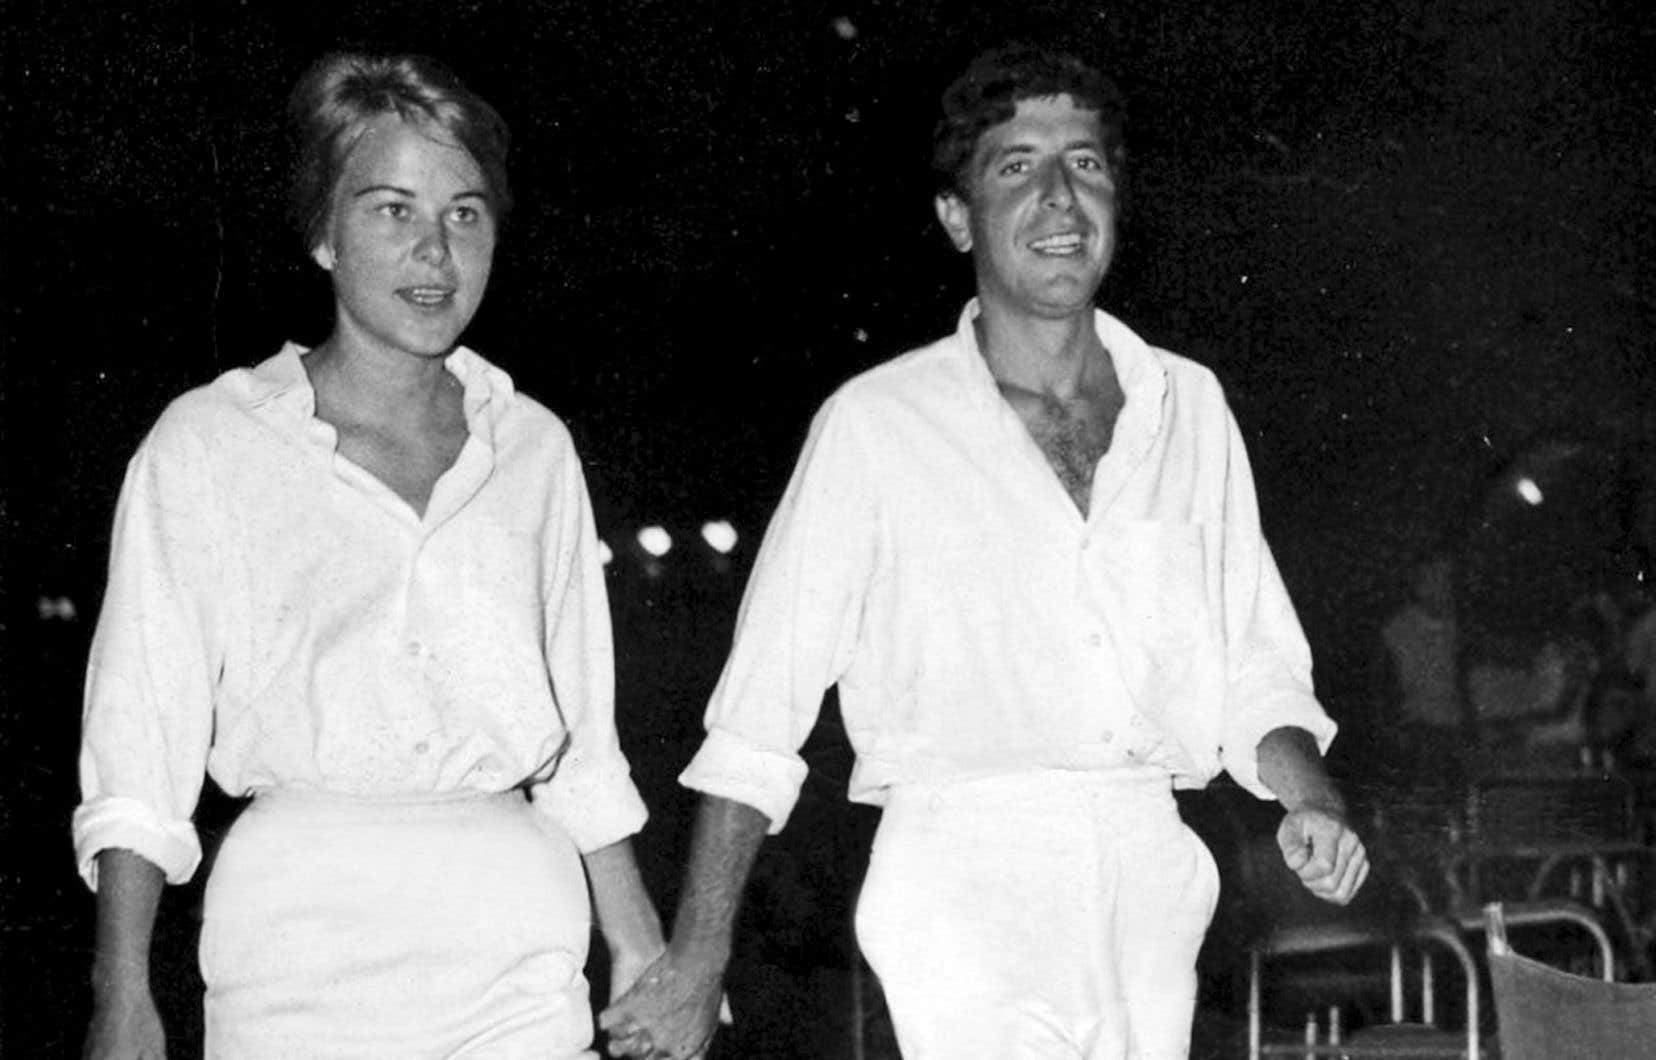 Marianne Ihlen et Leonard Cohen sur l'île grecque d'Hydra